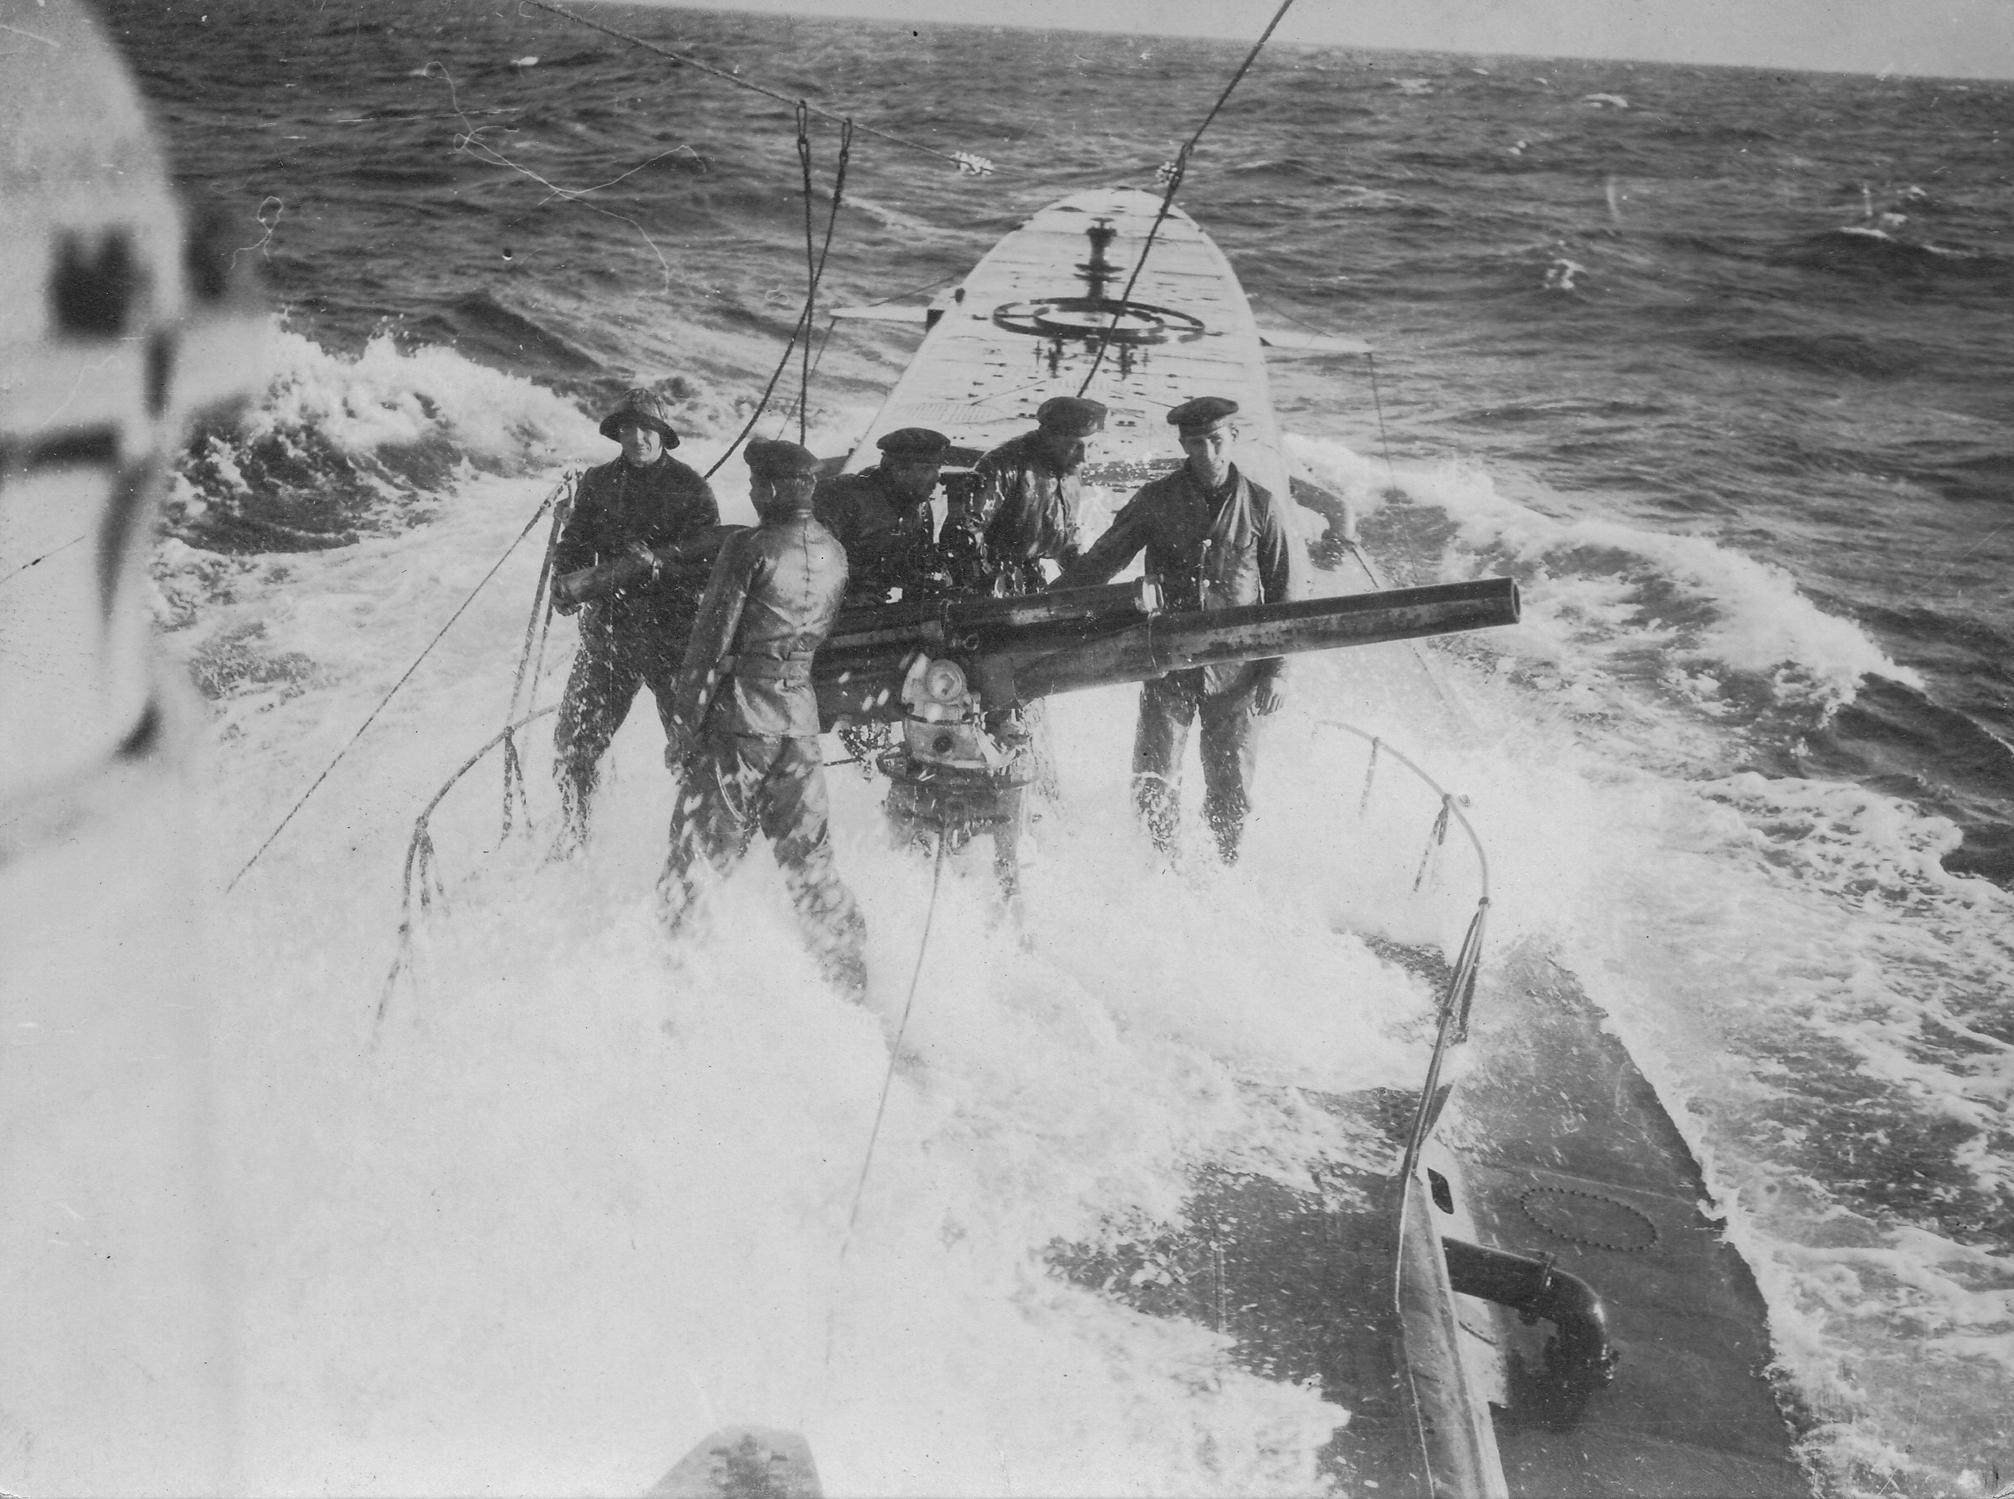 U-Boot auf hoher See im 1. Weltkrieg